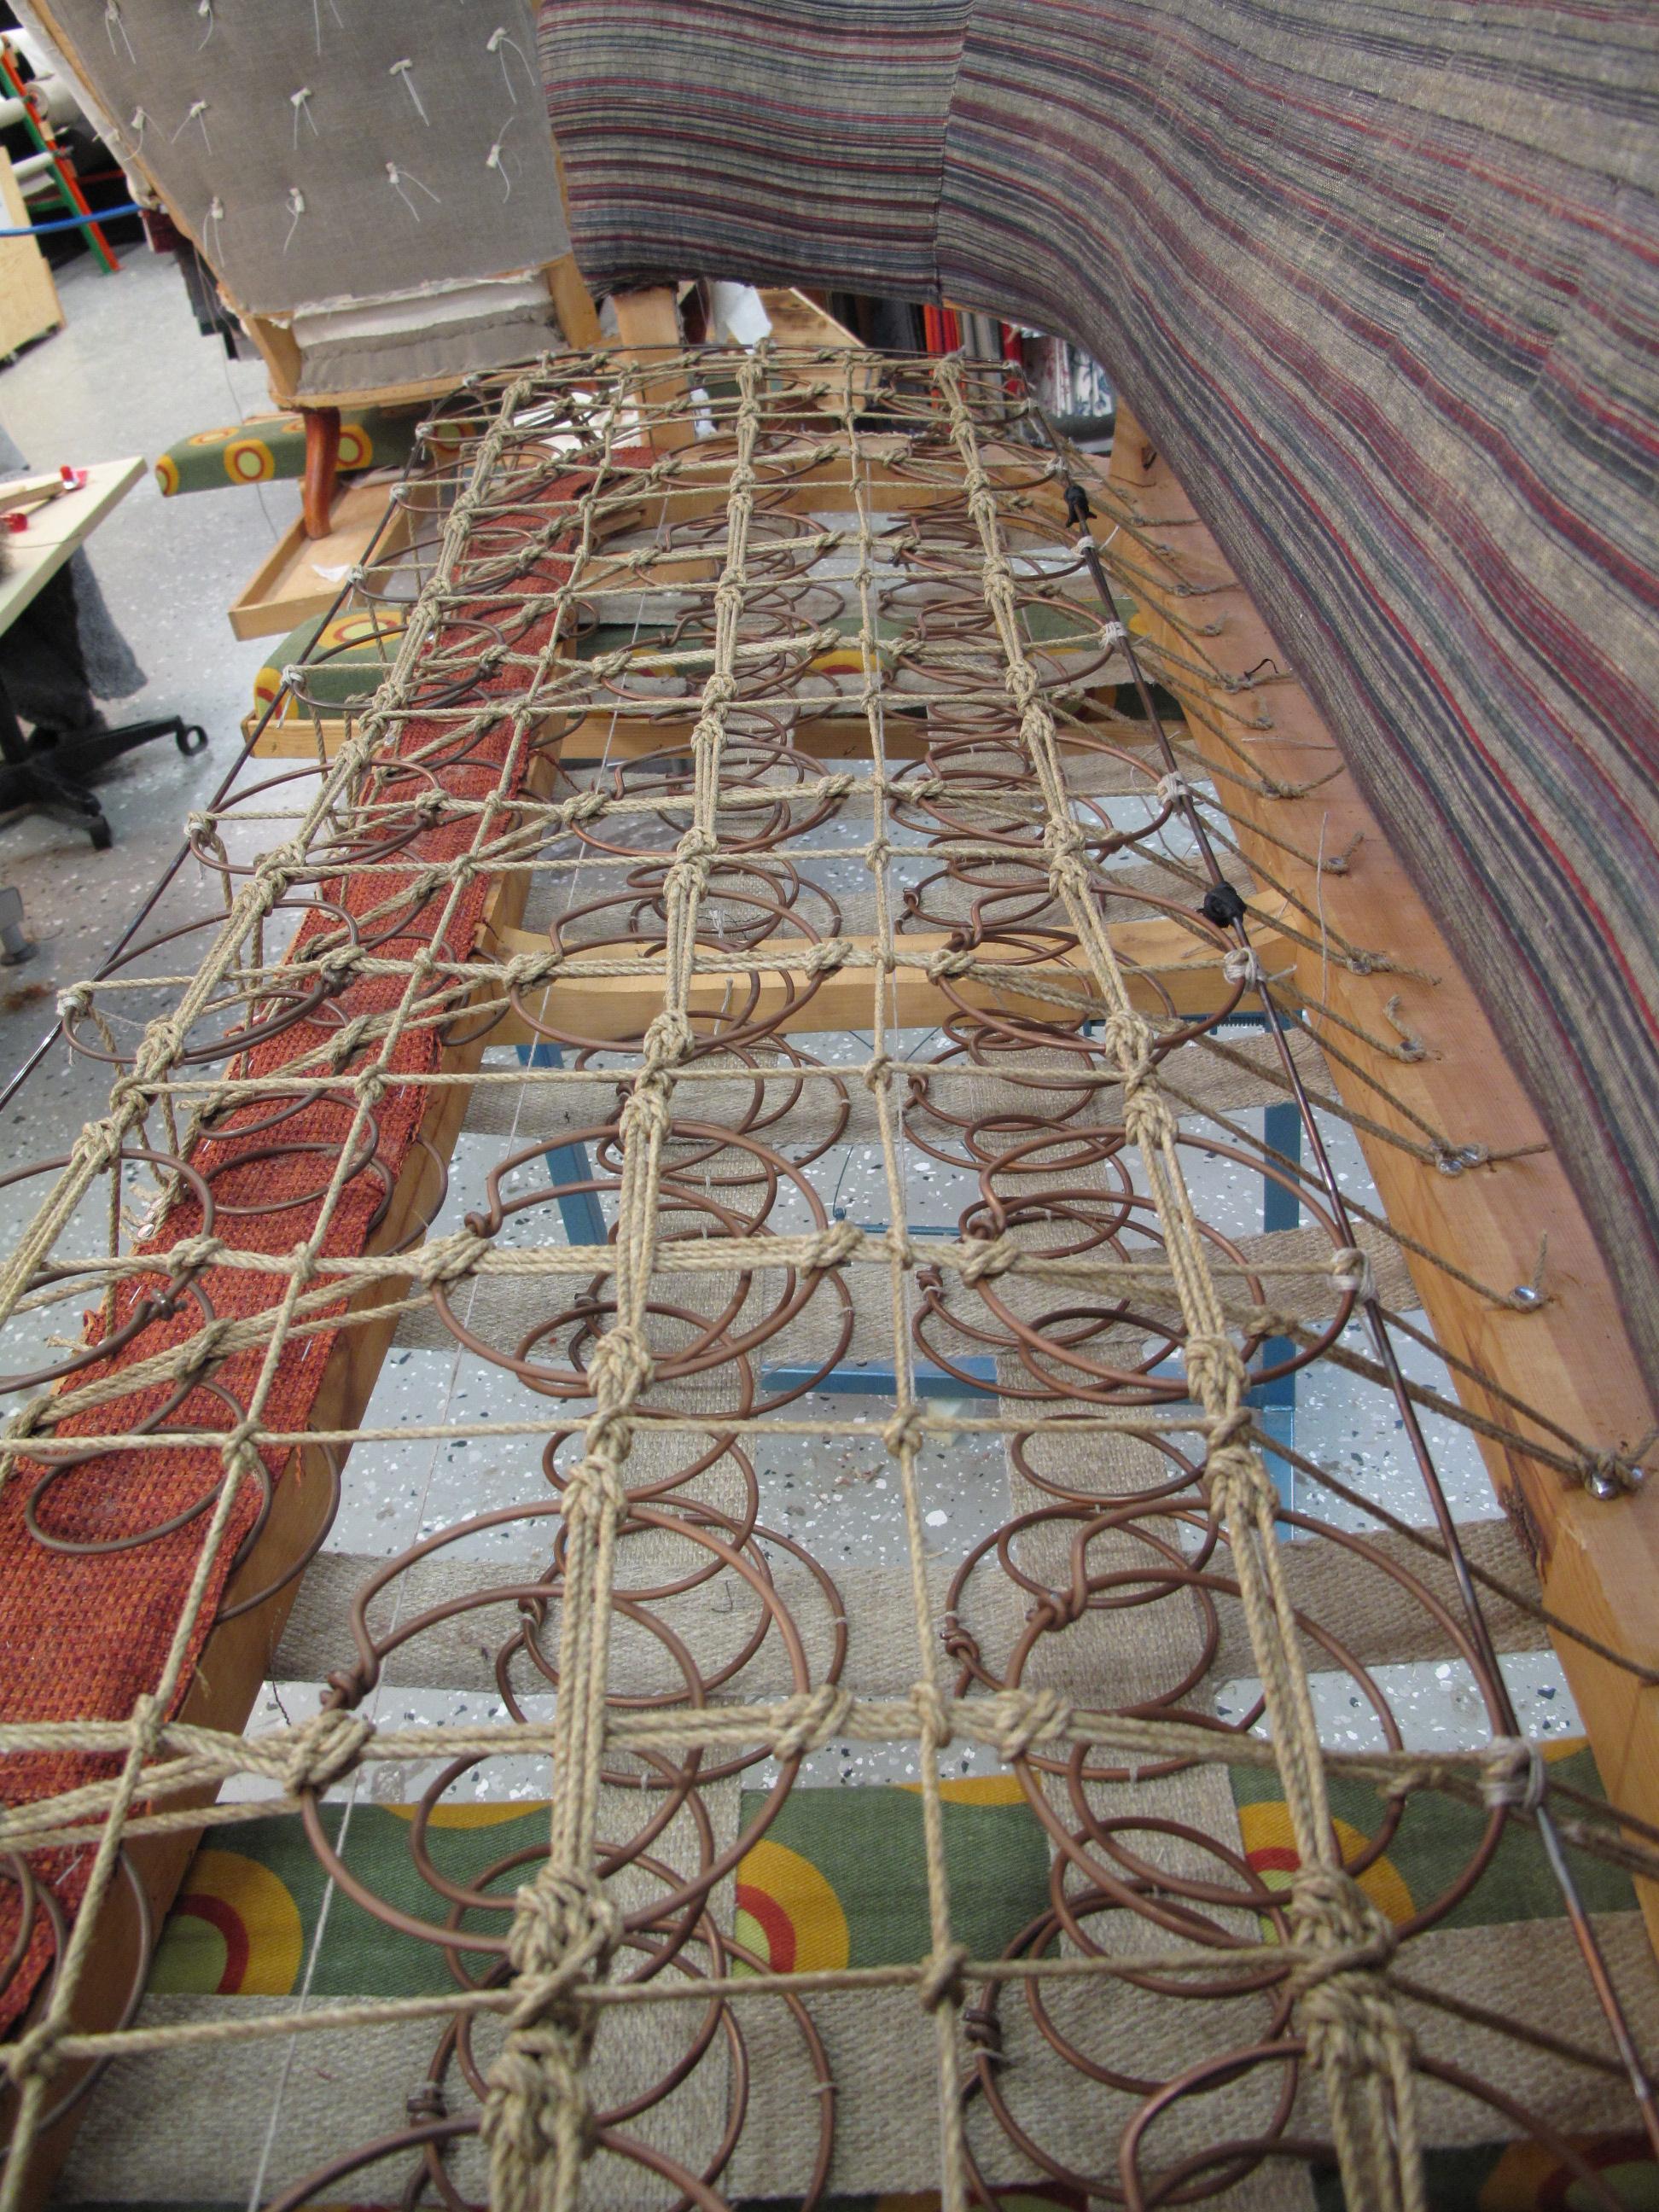 Handknutet resårhus av tapetsere